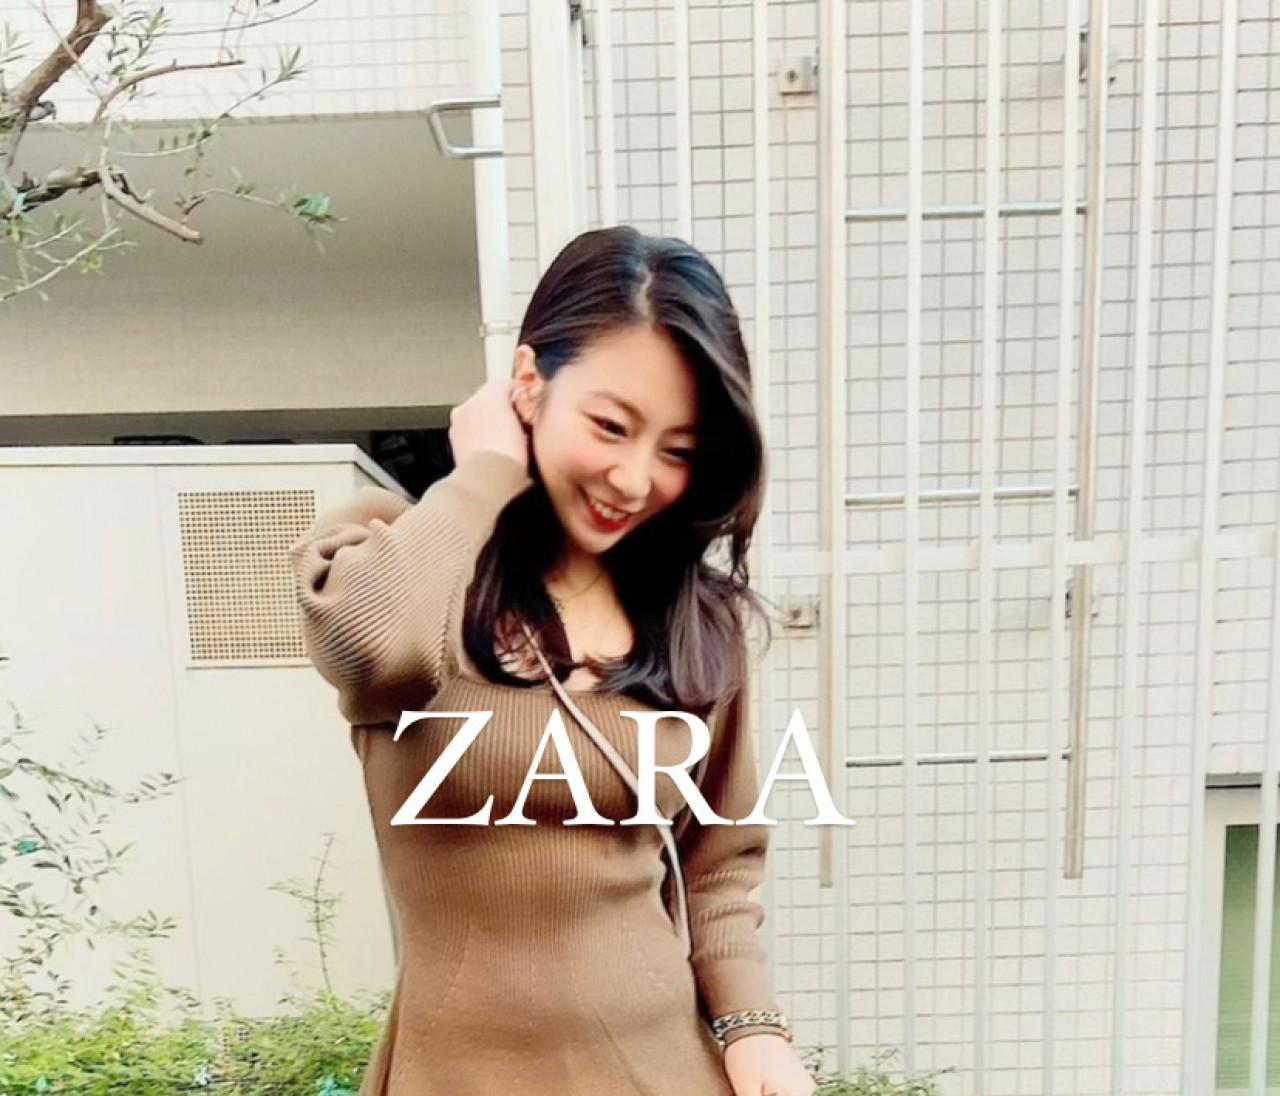 【ZARA】冬物チェックした?プチプラでかわいい戦利品!①